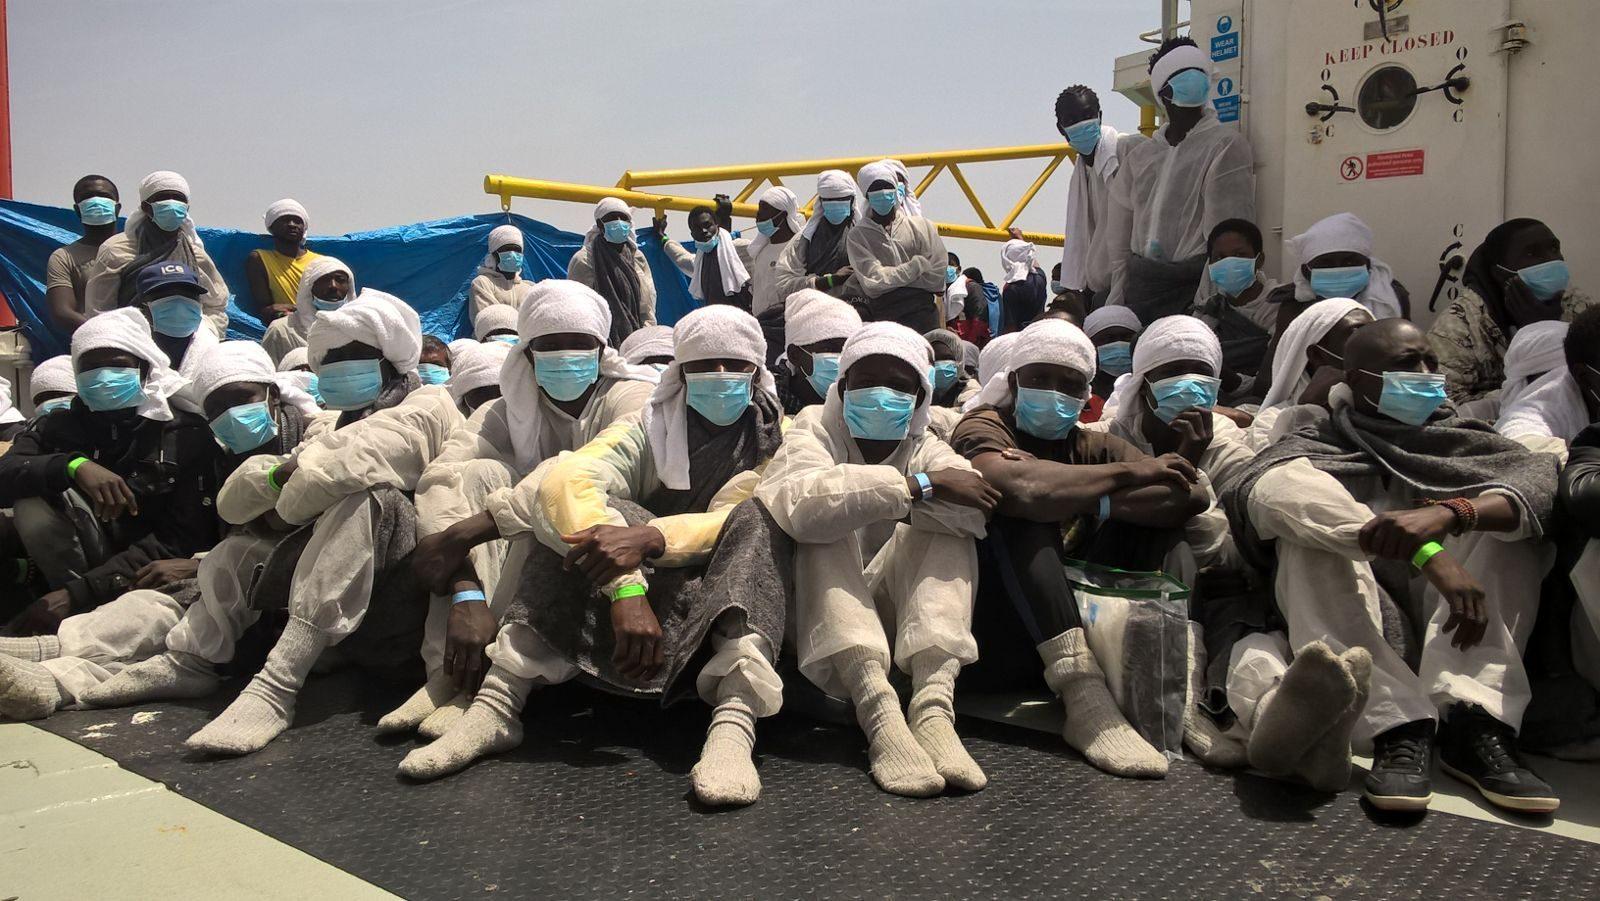 Coronavirus, perché chiudere le frontiere ai migranti (come chiede ...